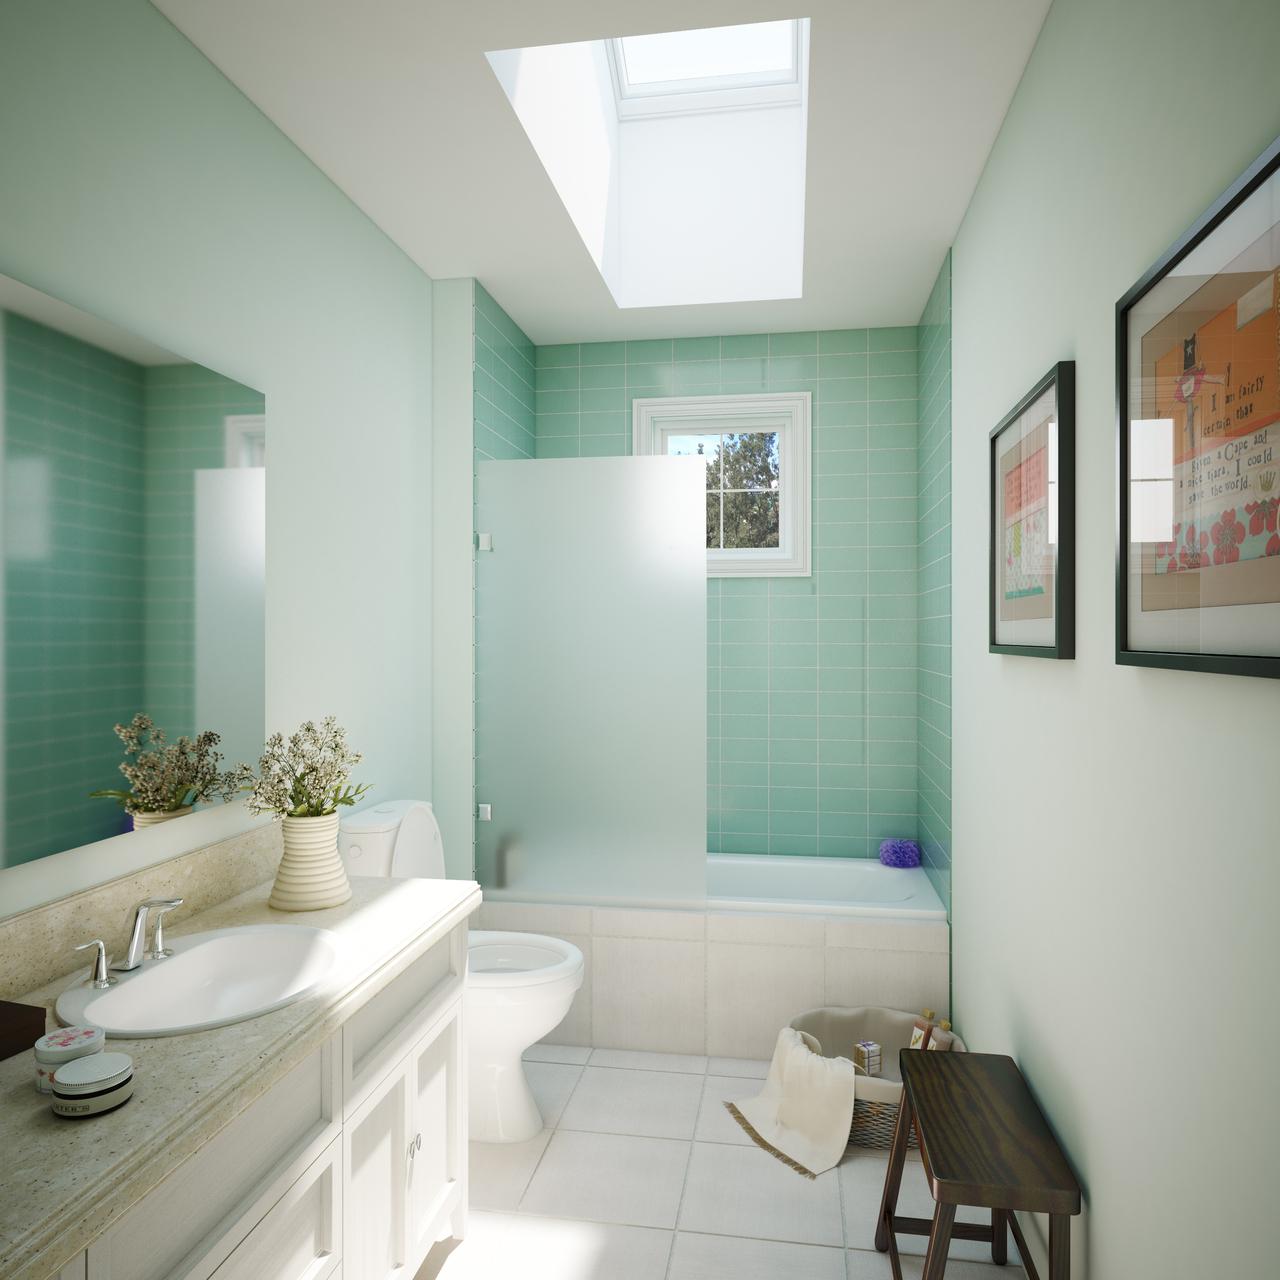 bagno illuminato da finestra